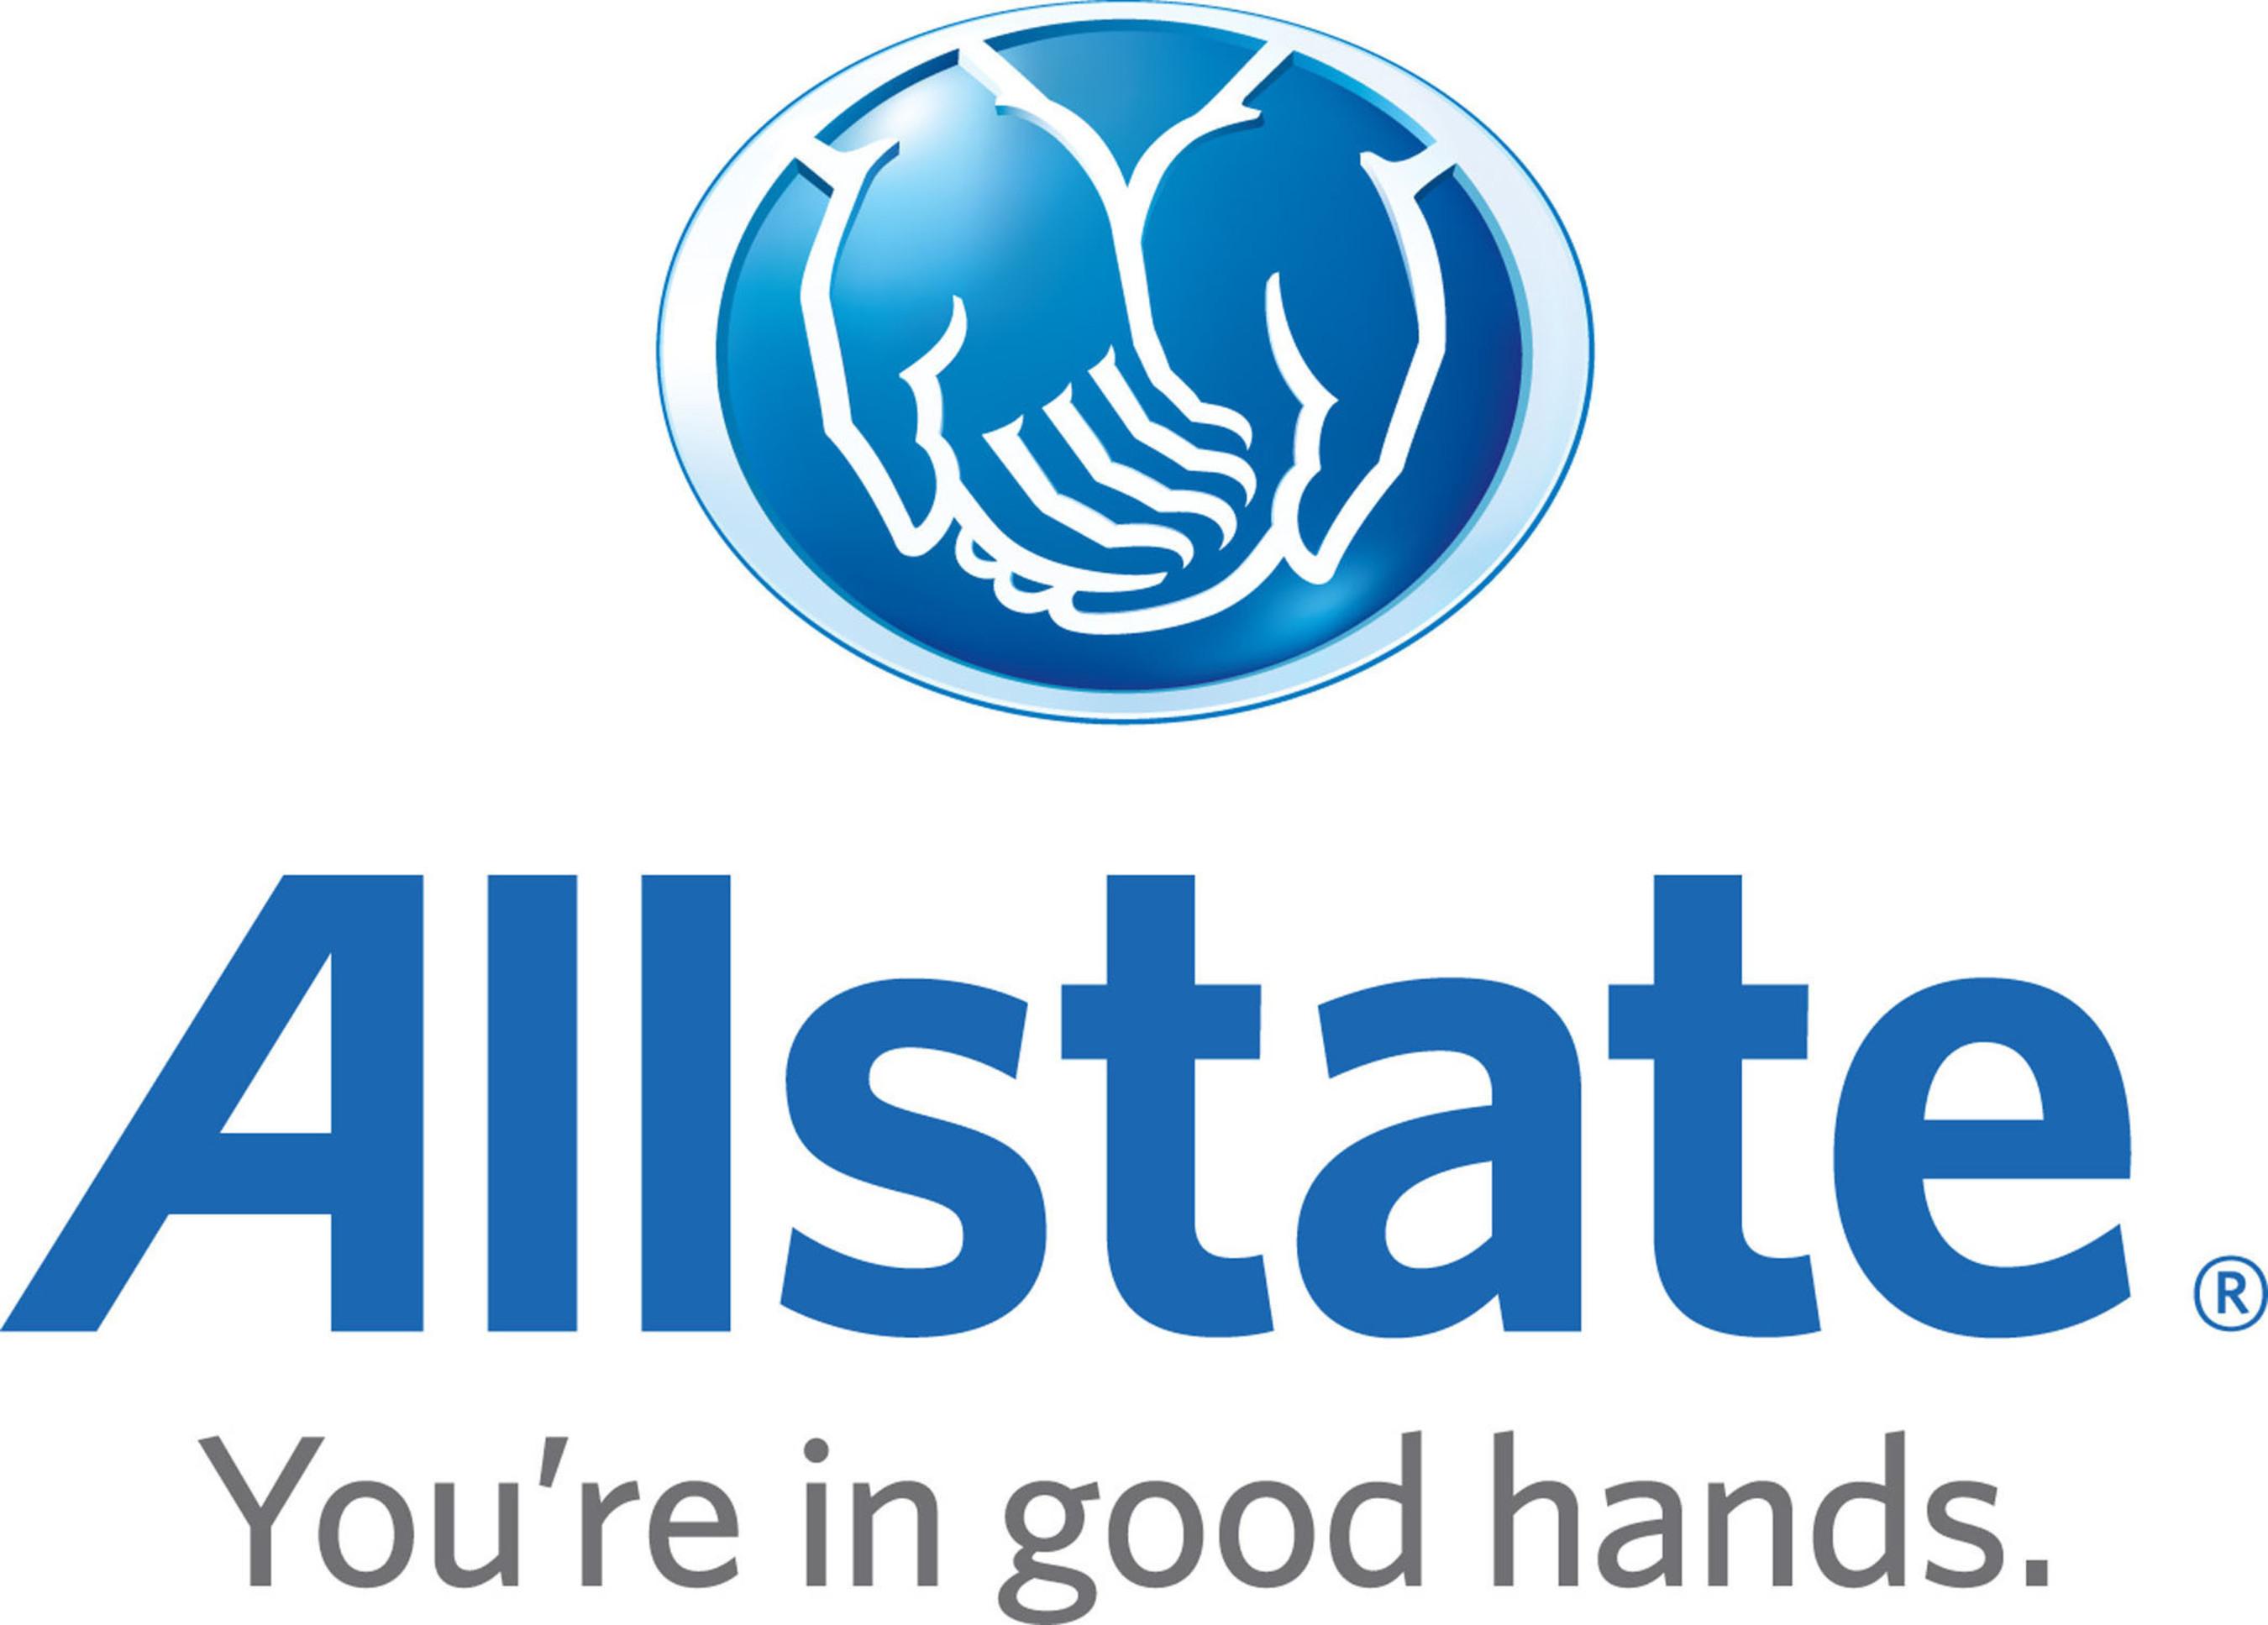 Allstate Insurance Co. logo.